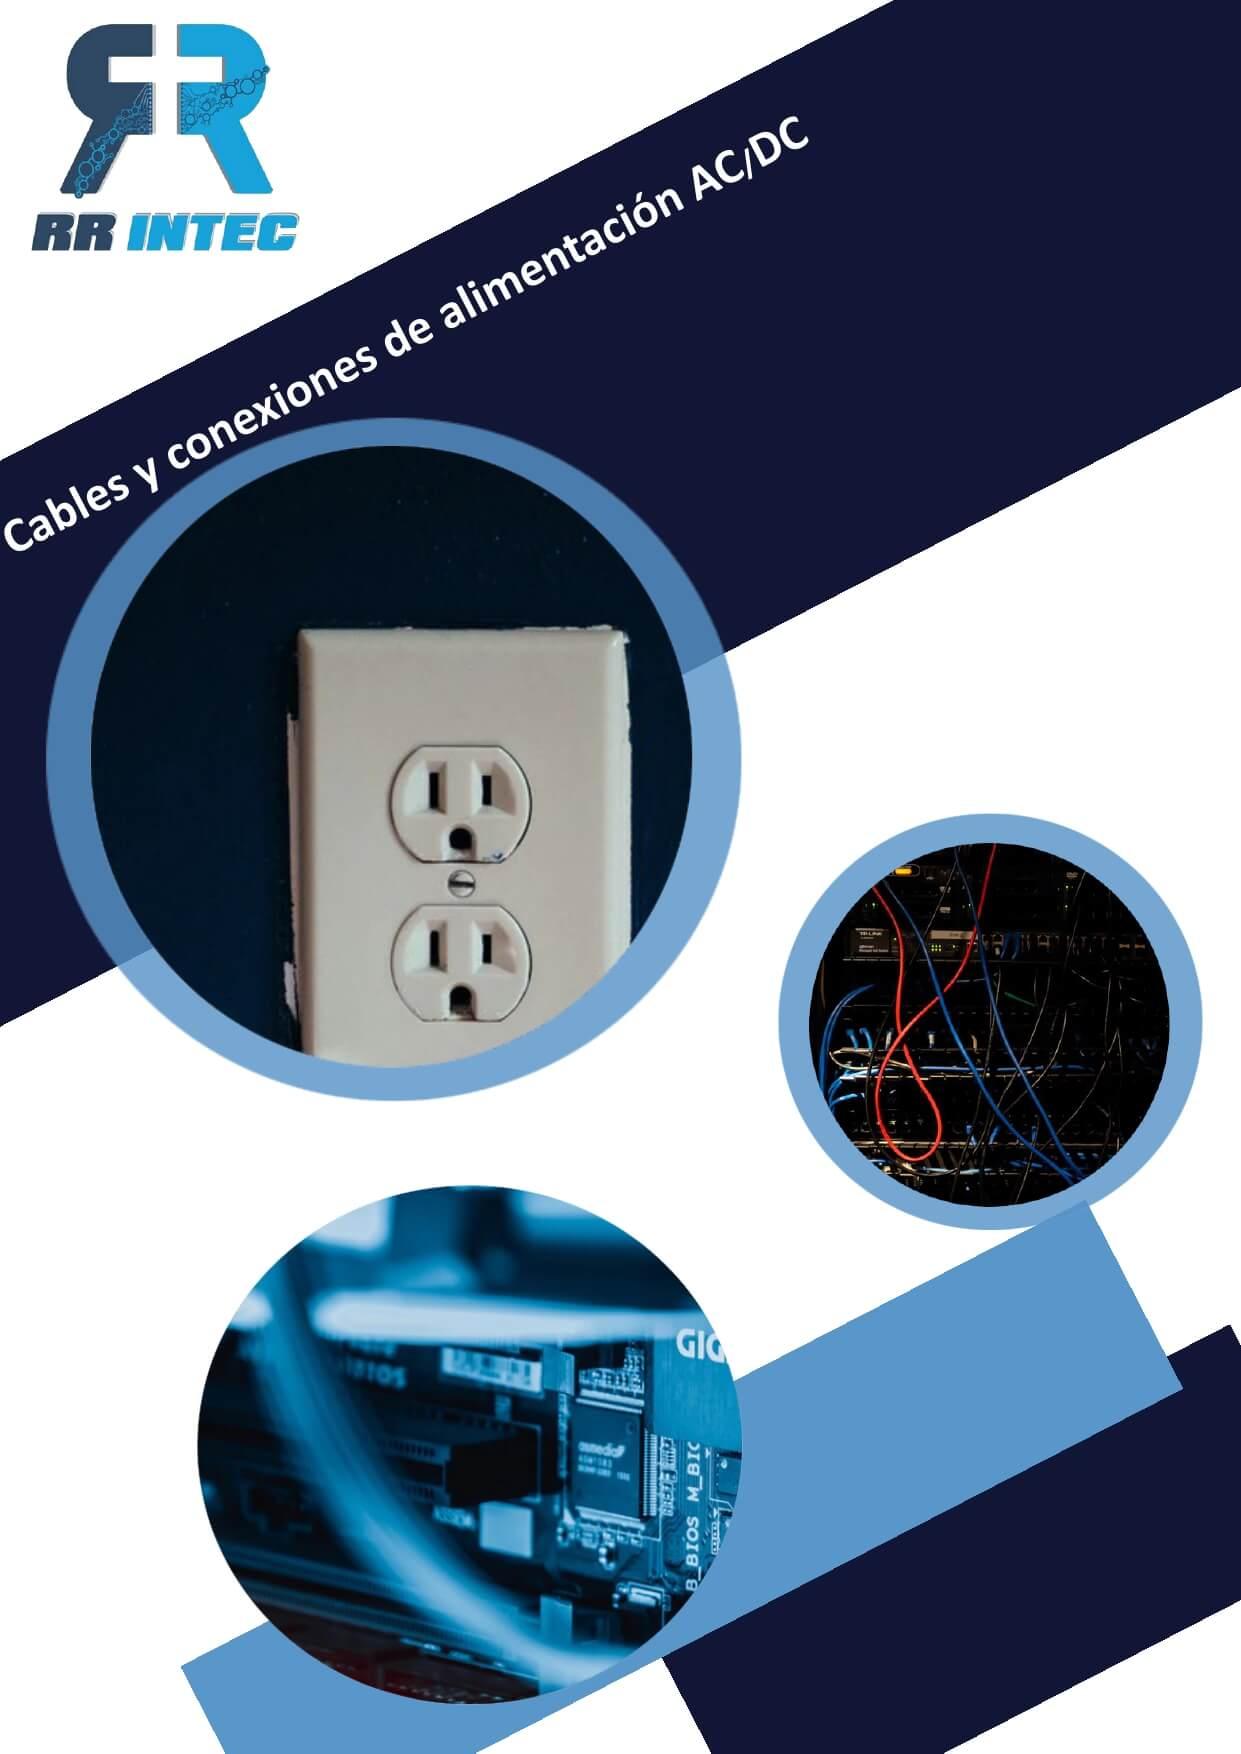 09. Cables y conexiones de alimentación AC-DC